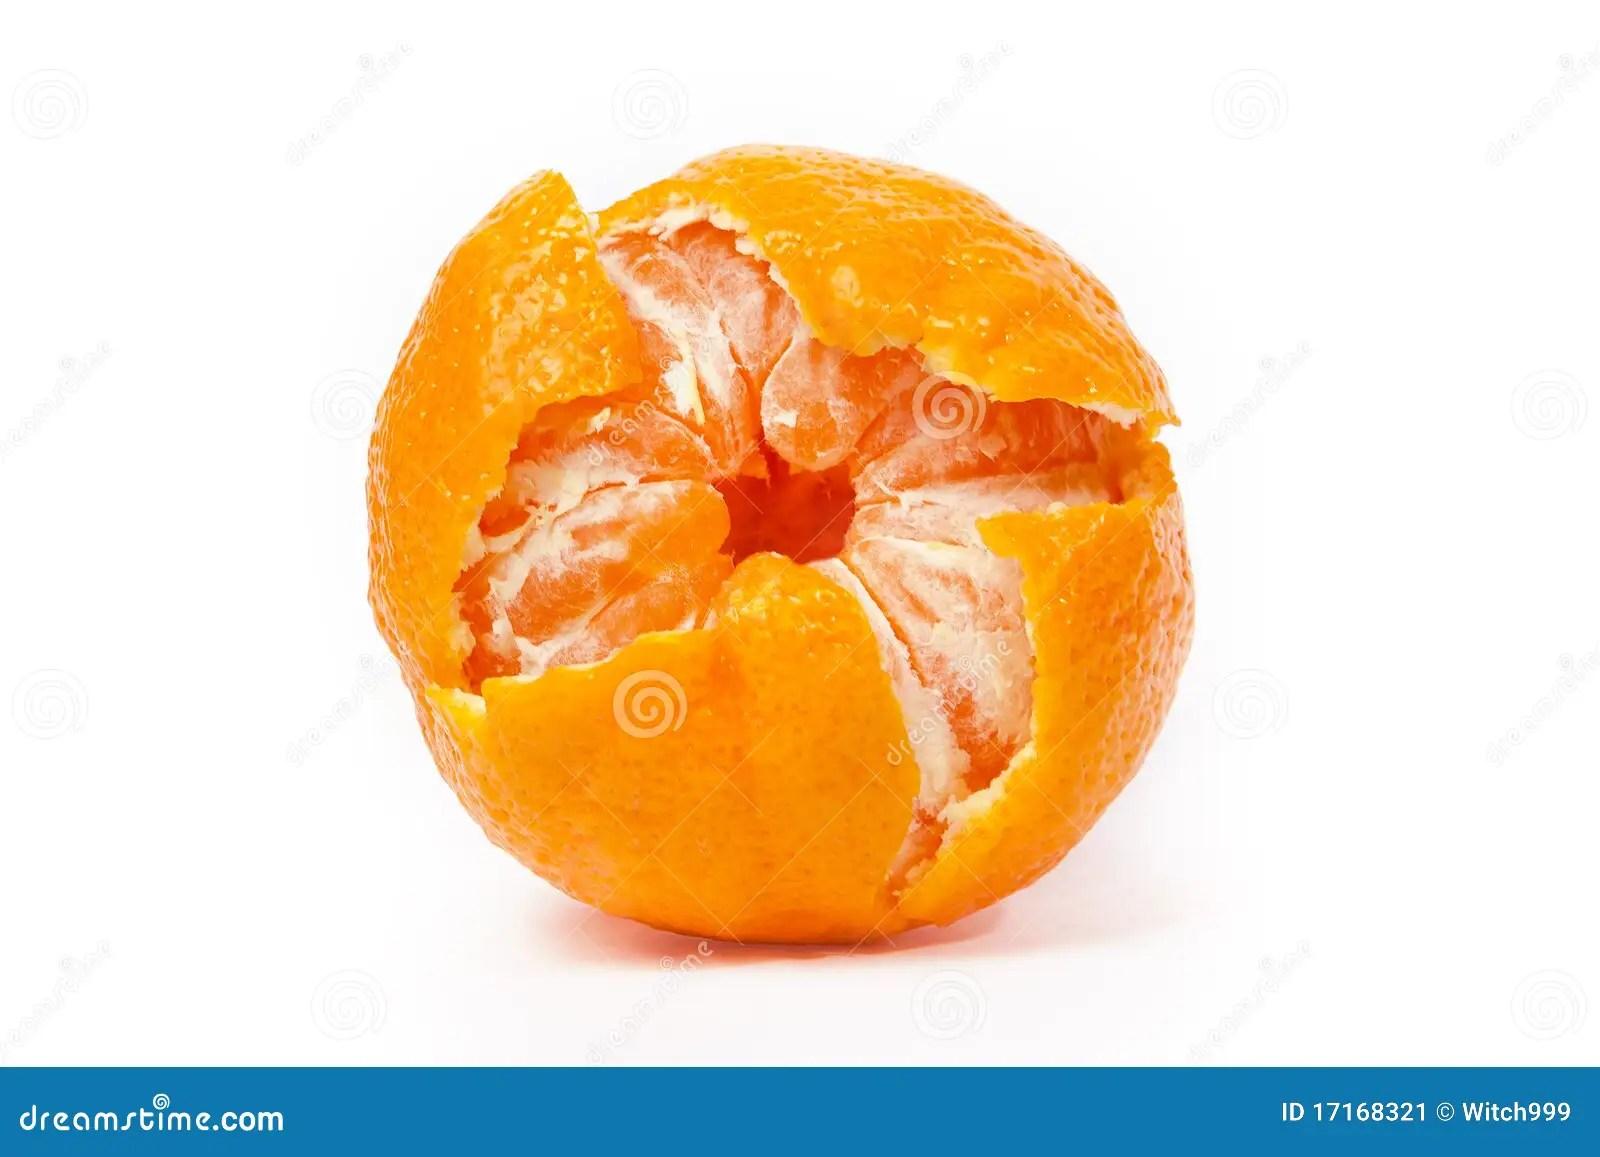 One Peeled Mandarin Isolated Stock Image - Image: 17168321